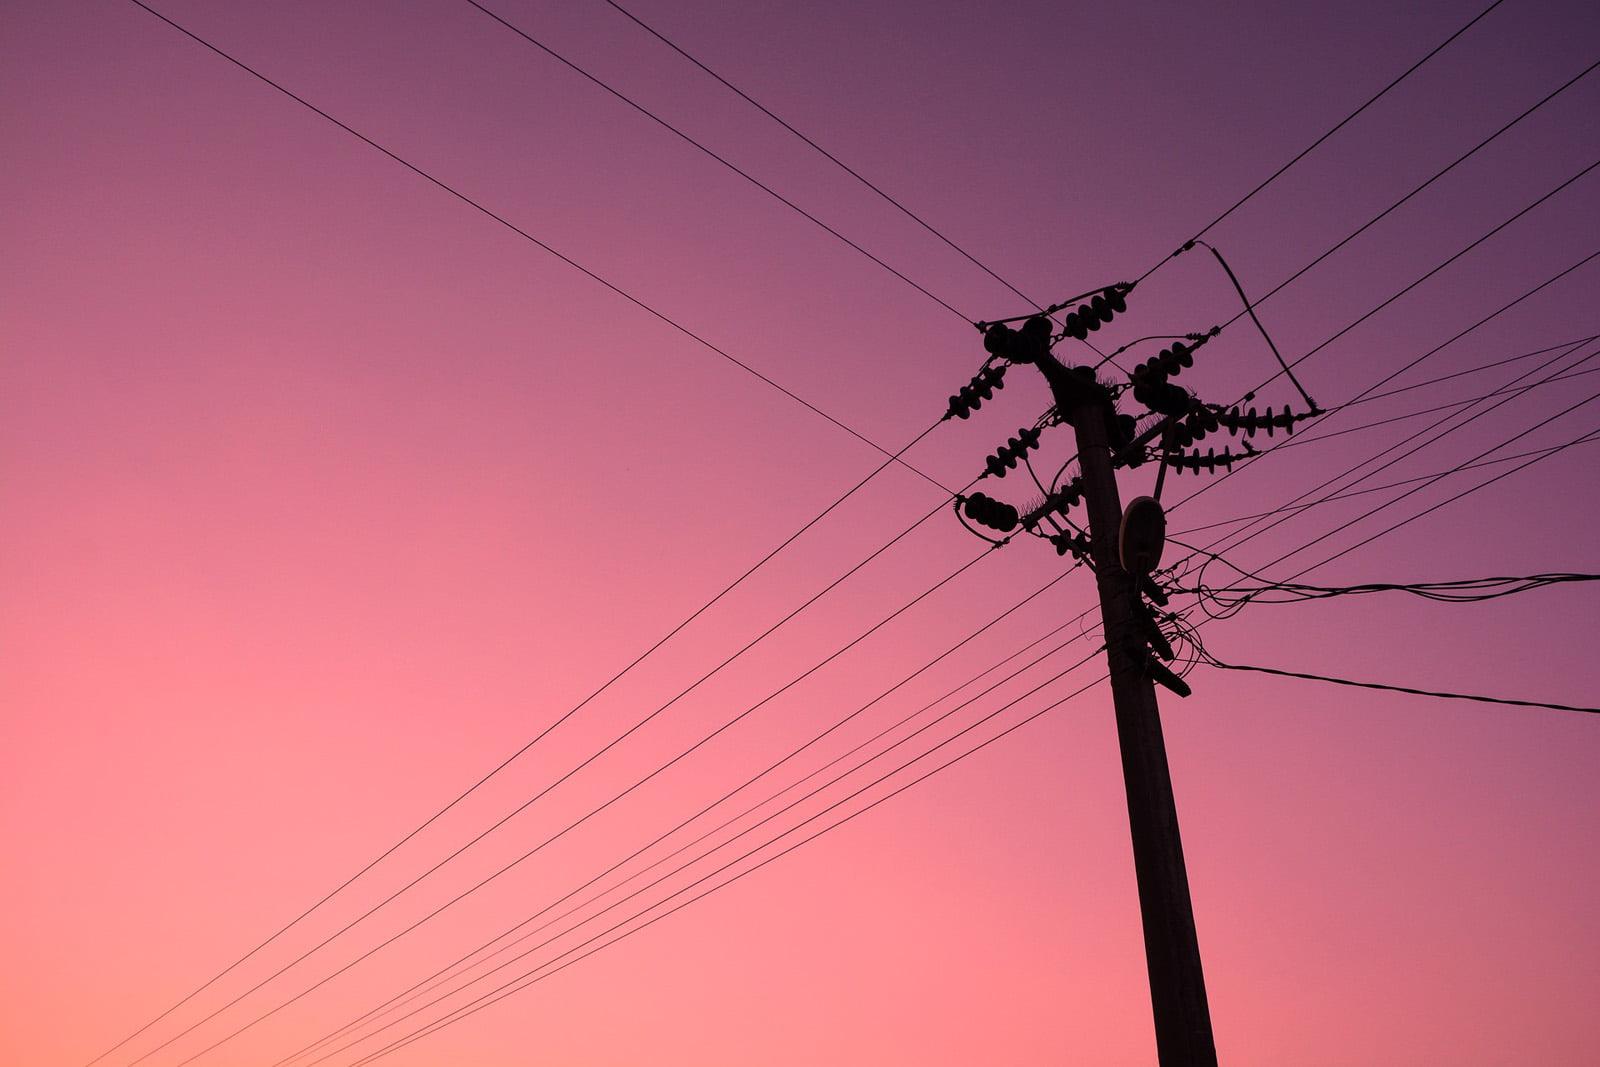 12 घंटे बिजली-पानी के लिए तरसी 12 लाख की आबादी, पेड़ों की कटाई-छंटाई के नाम पर चल रहे शटडाउन|कानपुर,Kanpur - Dainik Bhaskar